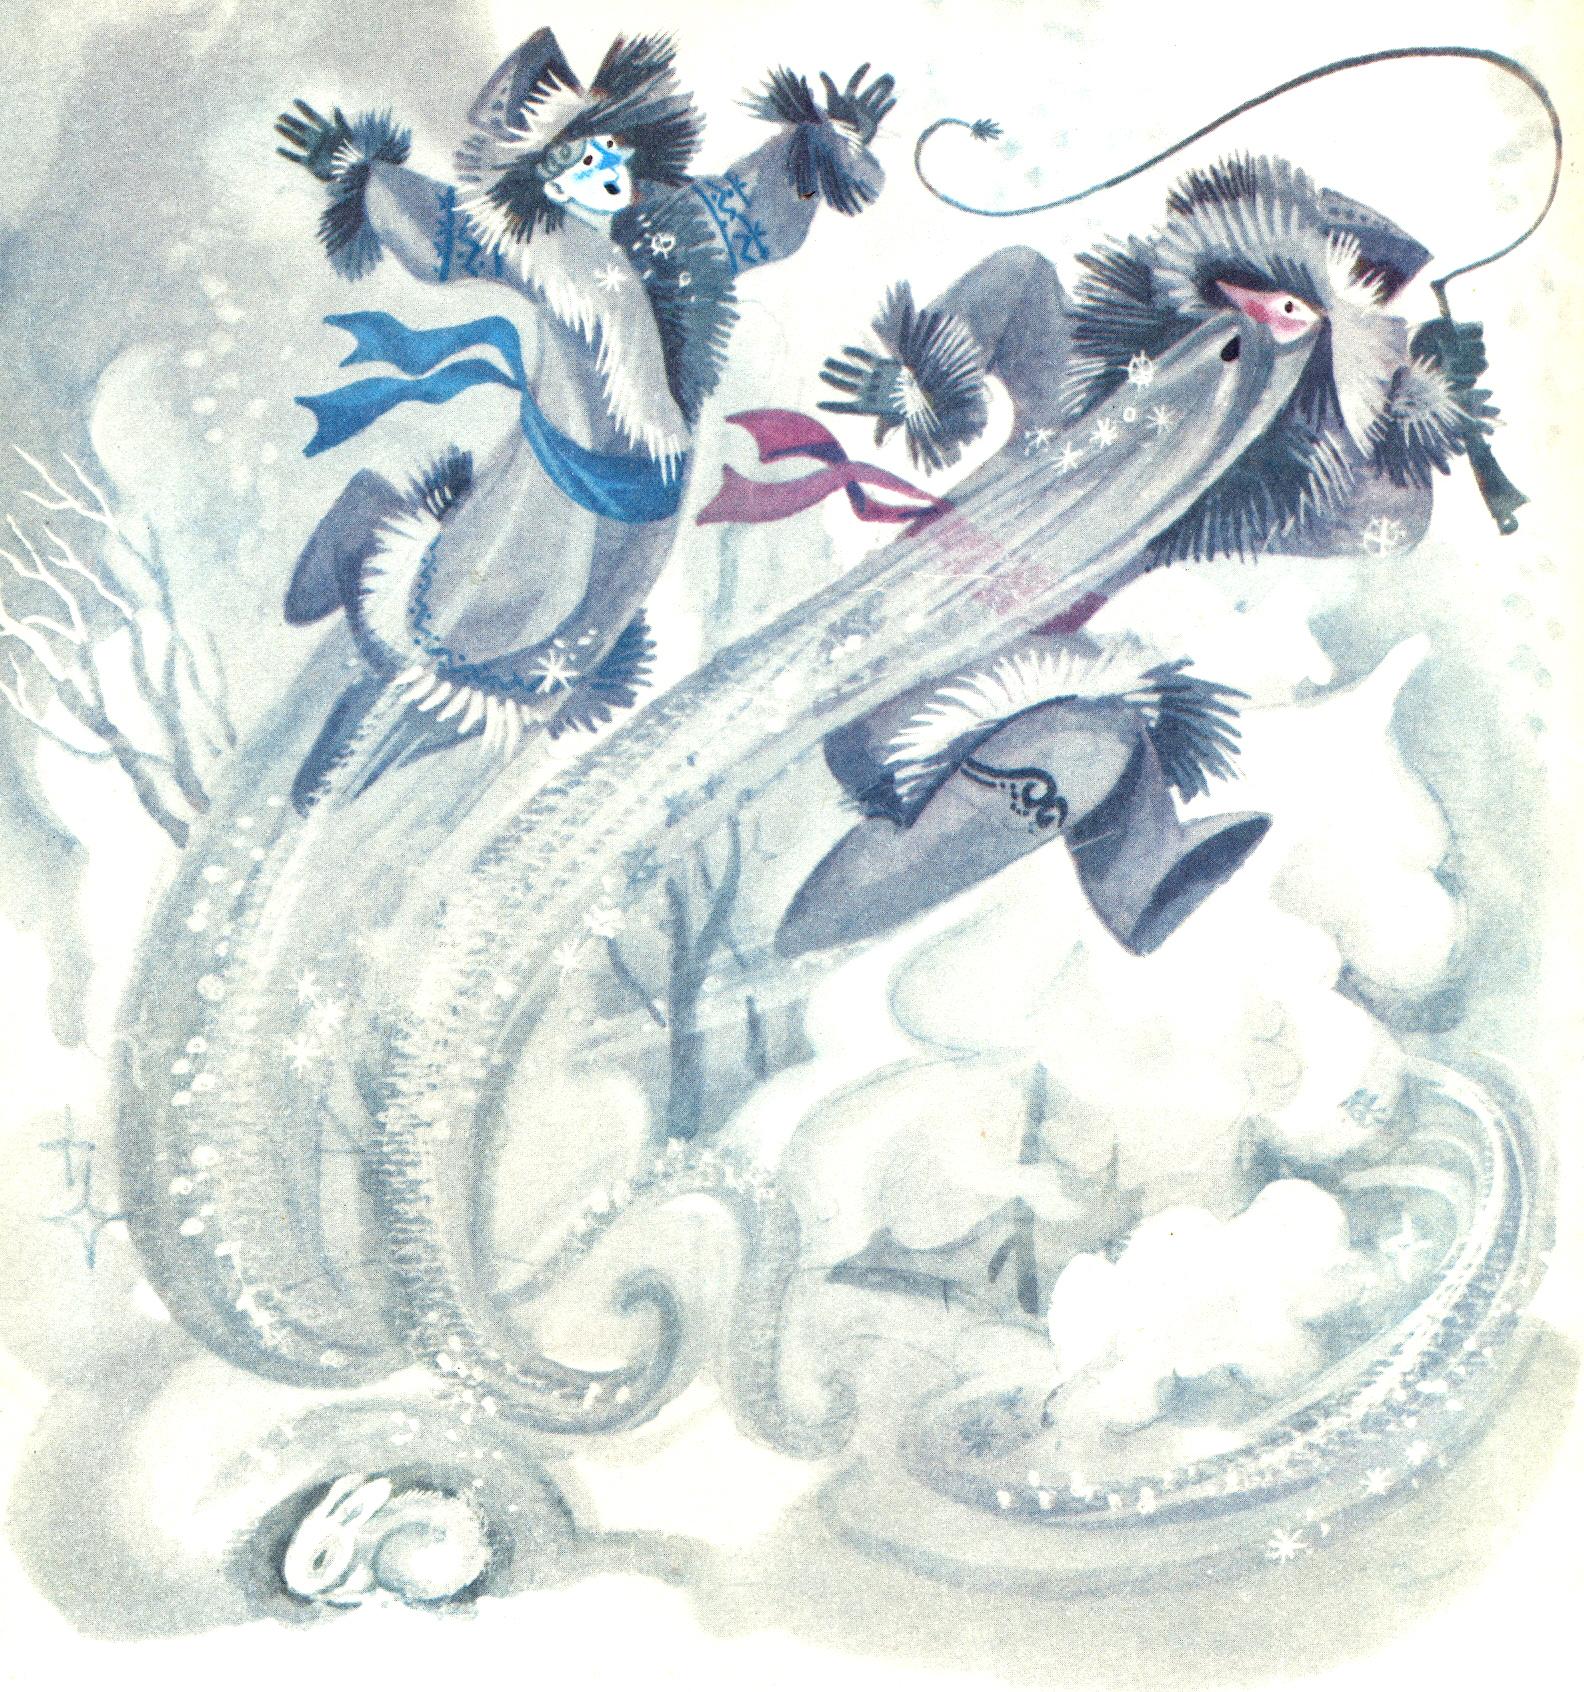 Сказка два мороза рисунки 8